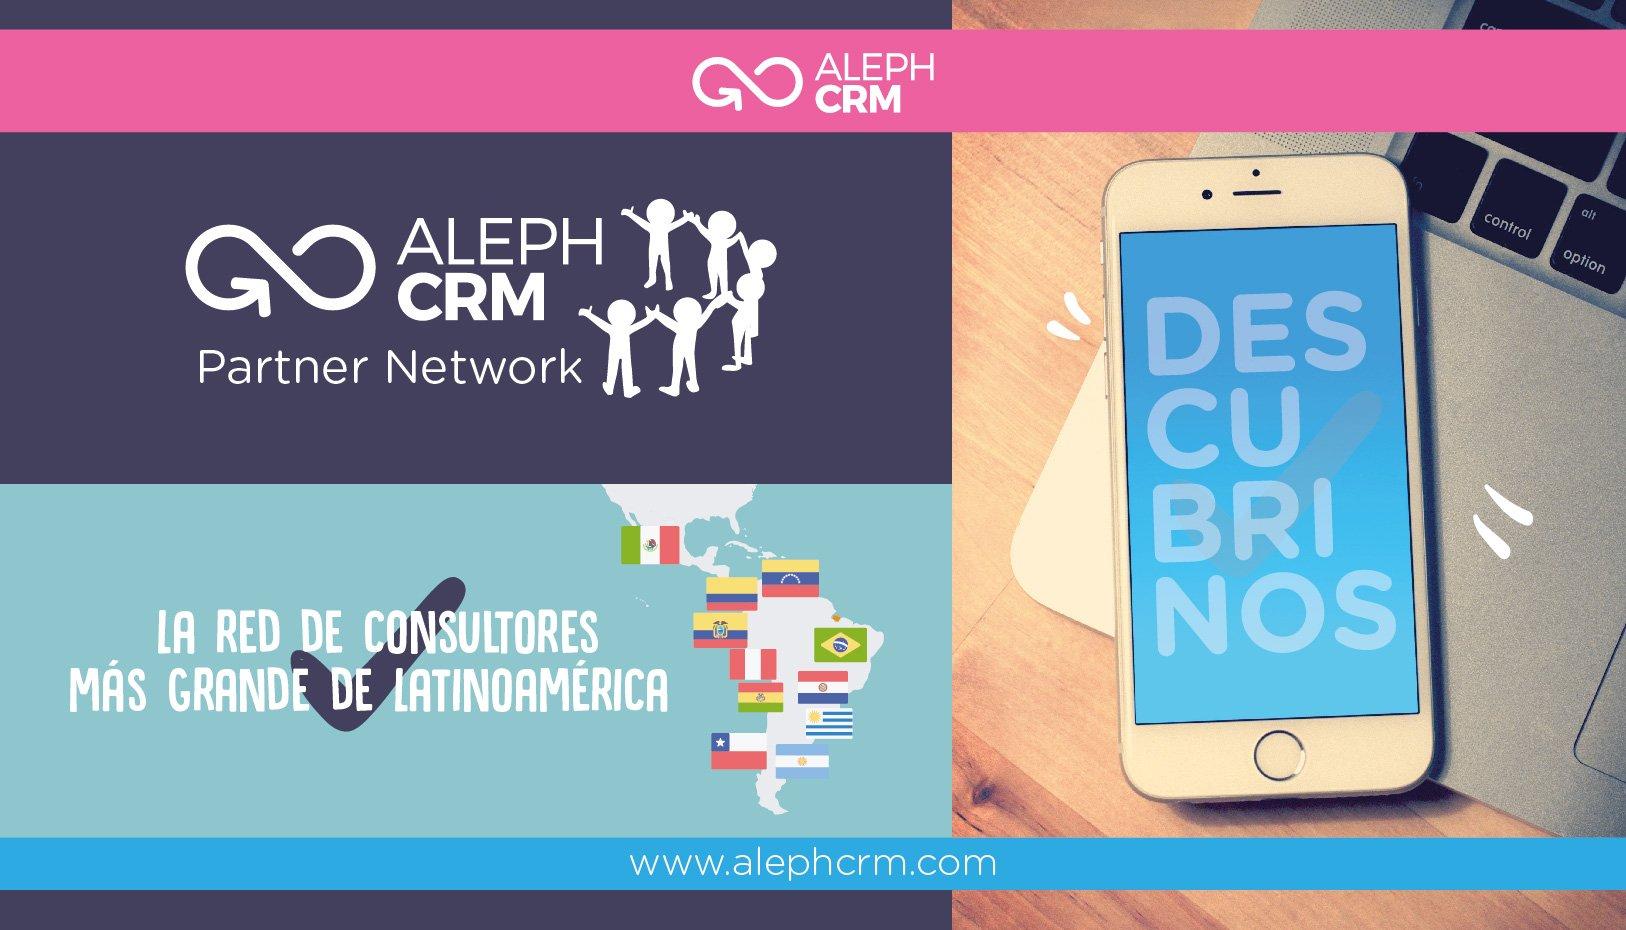 Llega Aleph Partner Network, la red de consultores más grande de Latinoamérica